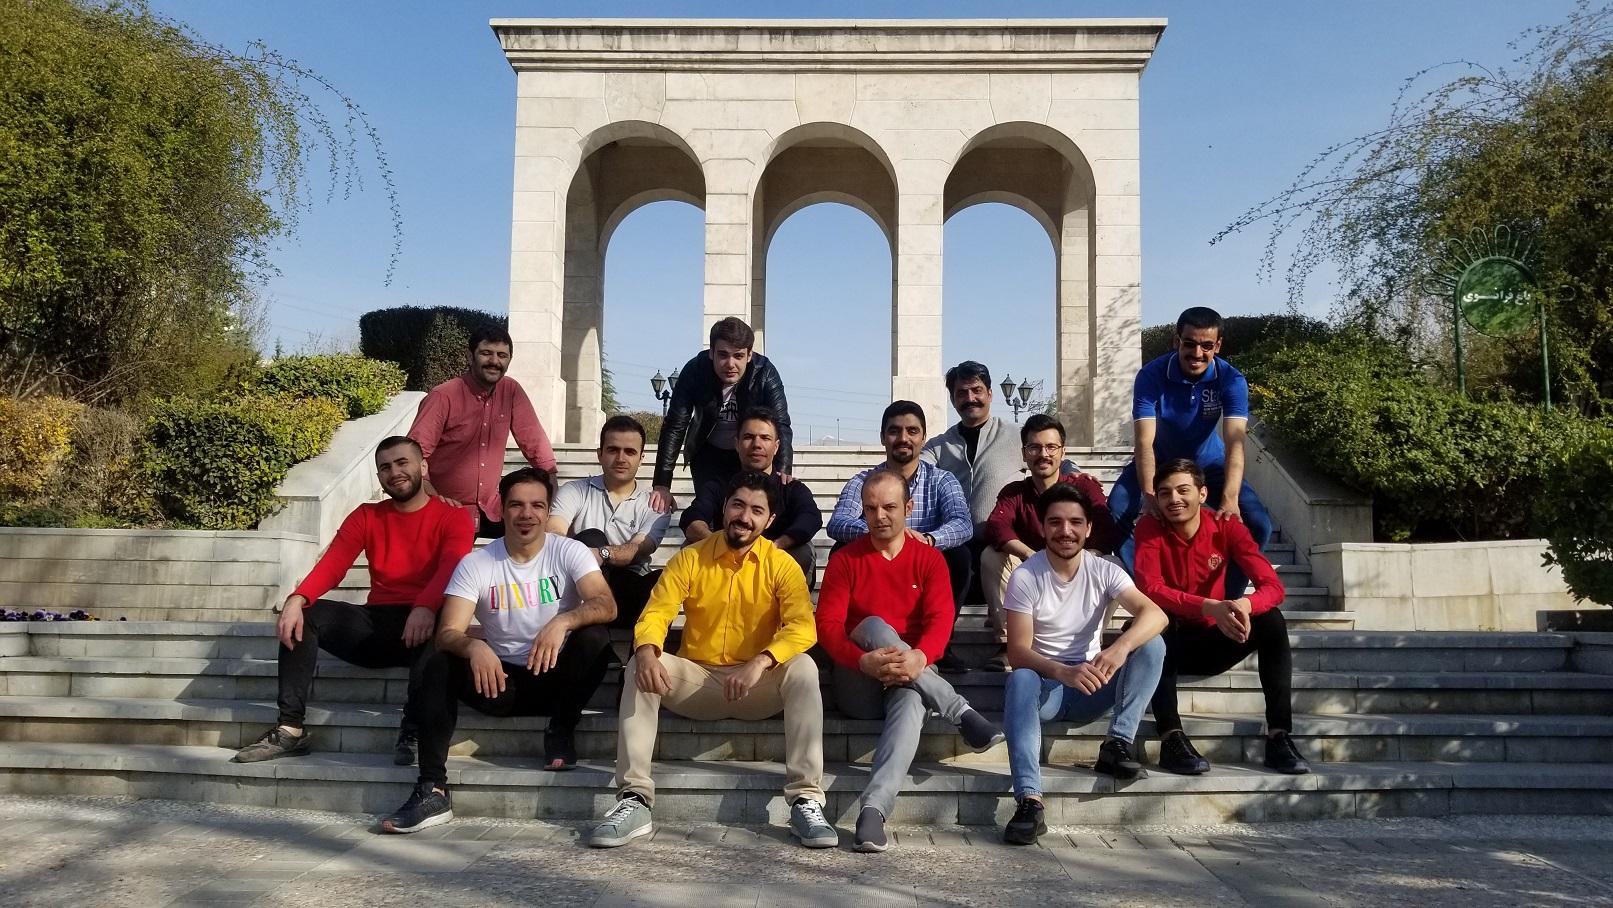 اردوکلیپ پارک گفتگو تهران